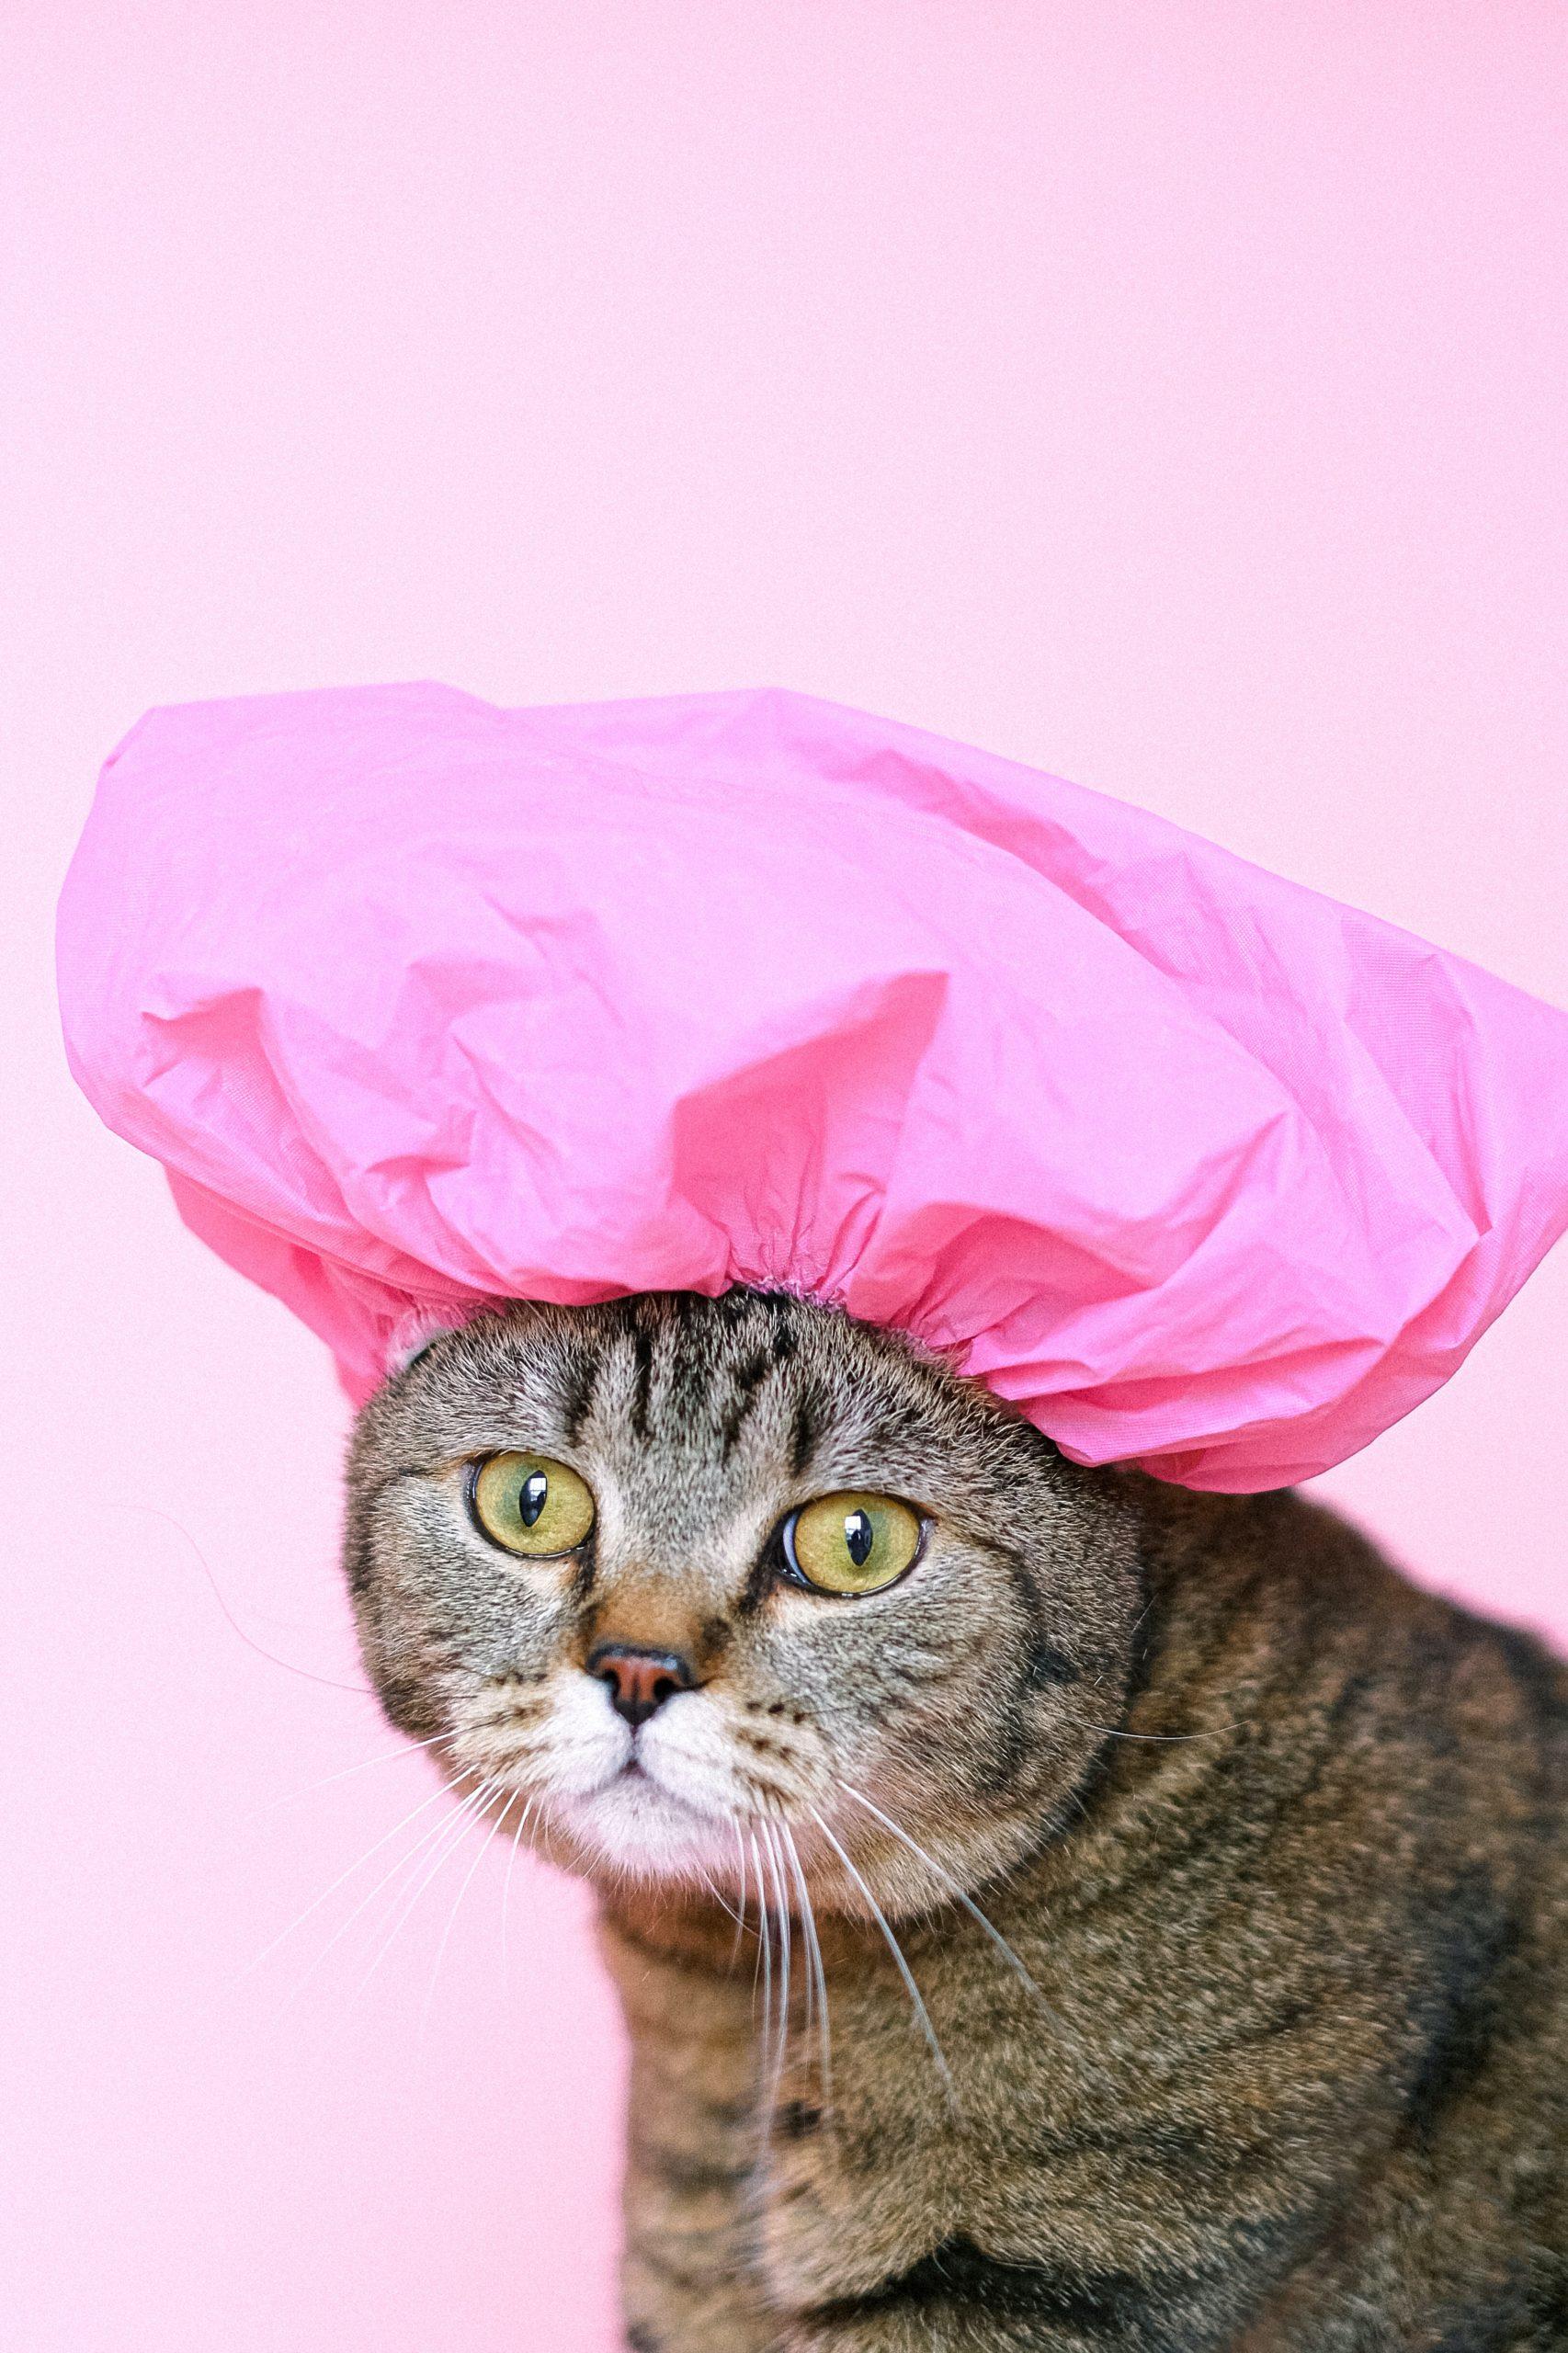 หมวกคลุมผมอาบน้ำ